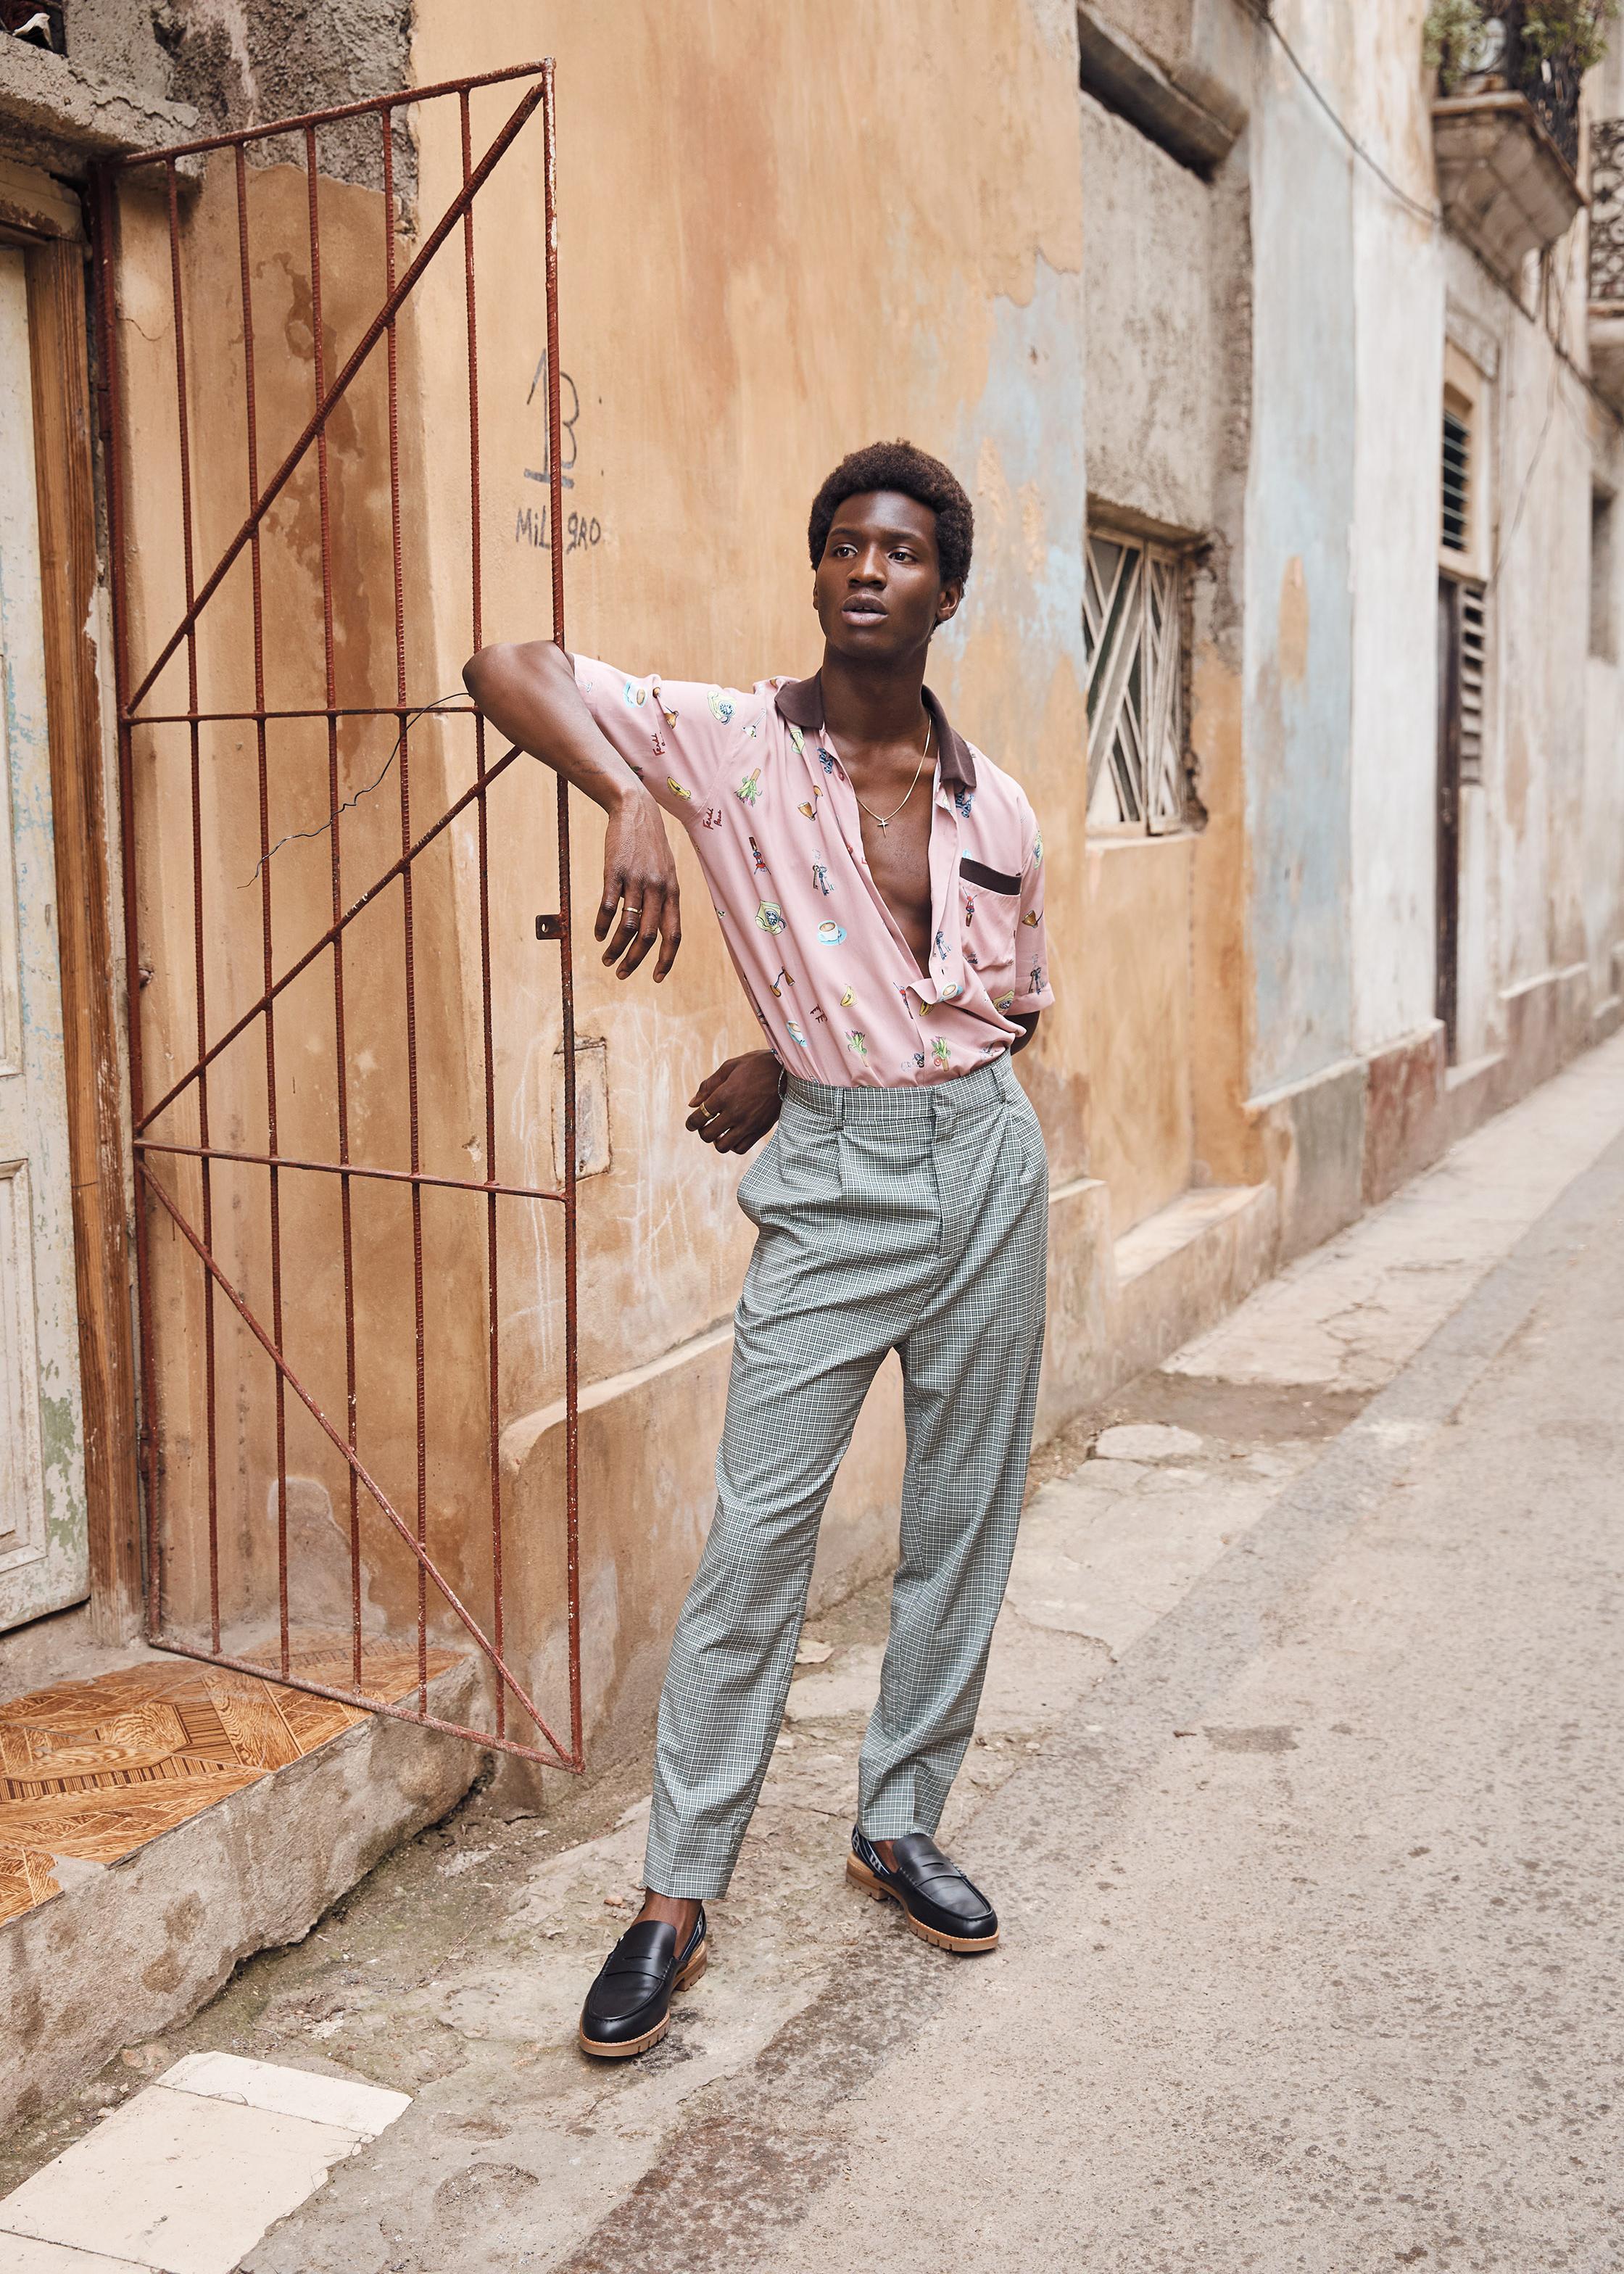 недоверием осторожностью кубинские мужчины фото техники